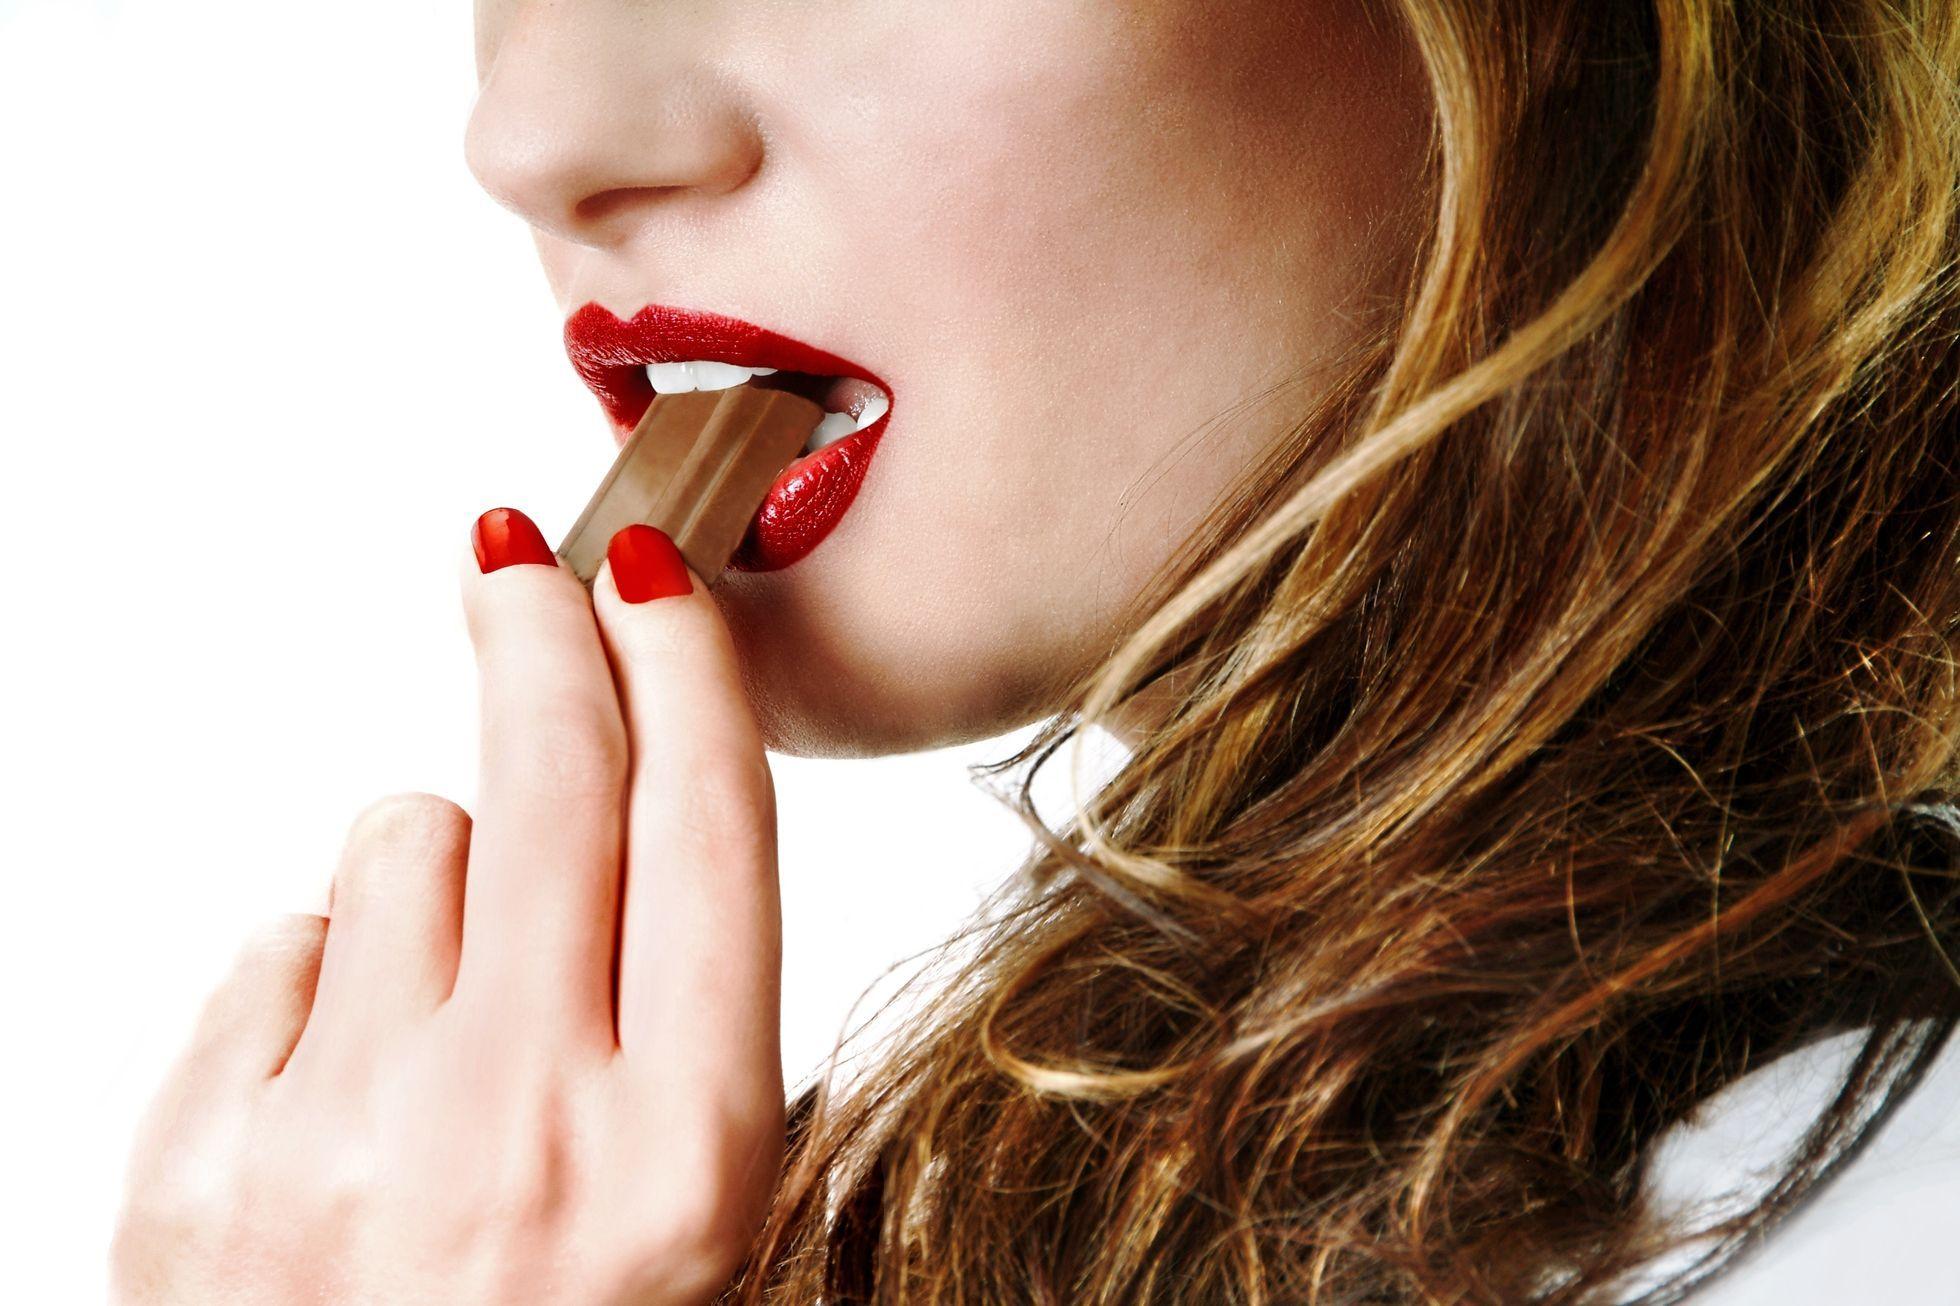 Astuces pour choisir un stimulant sexuel efficace